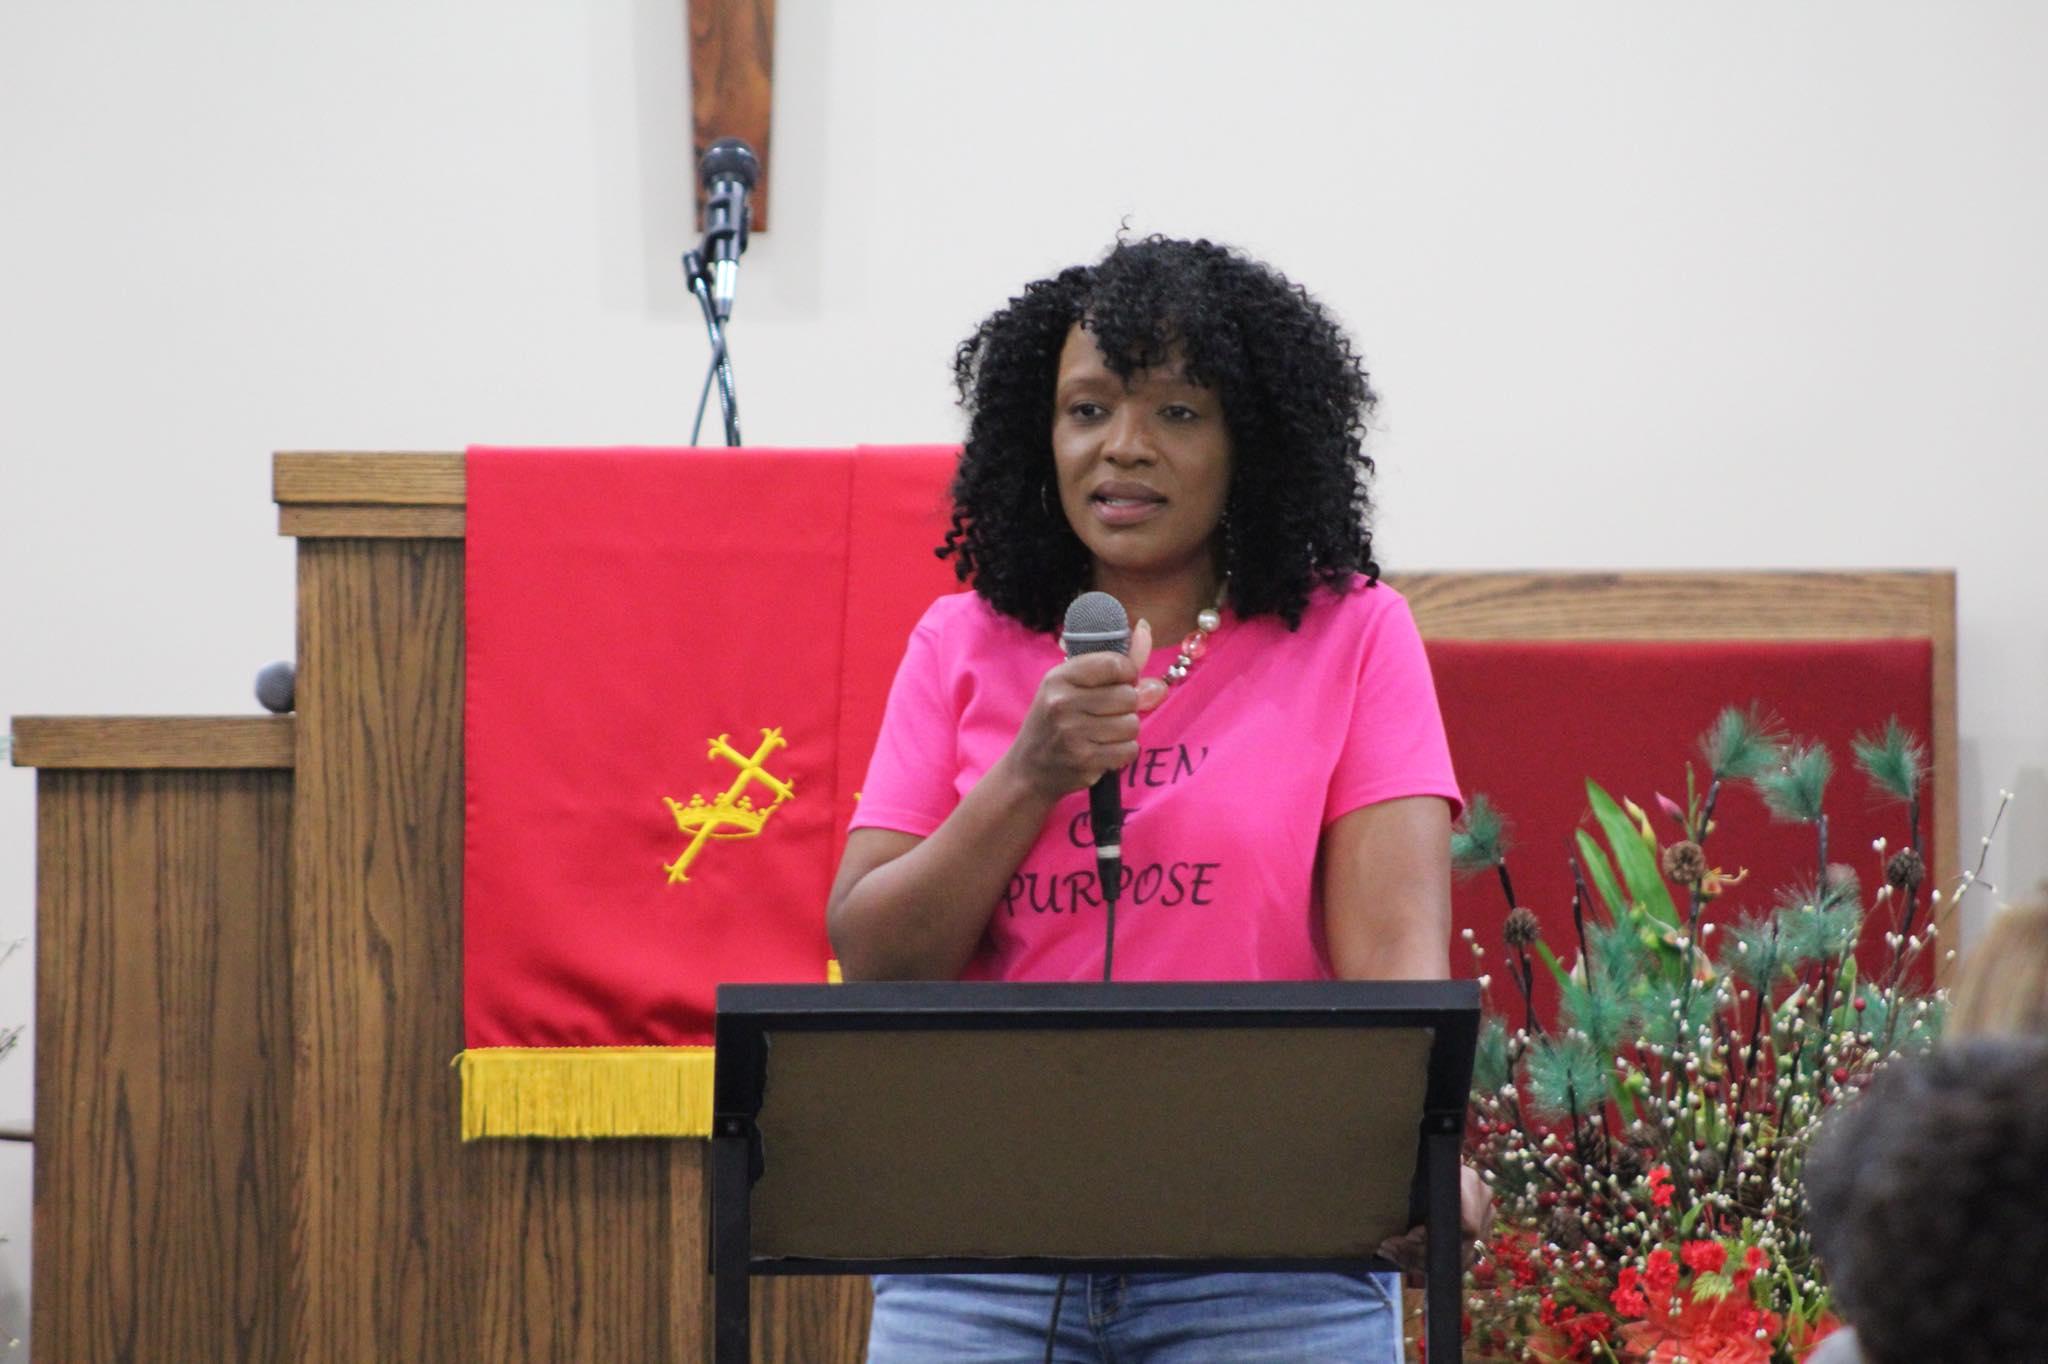 Author Cynthia Jackson